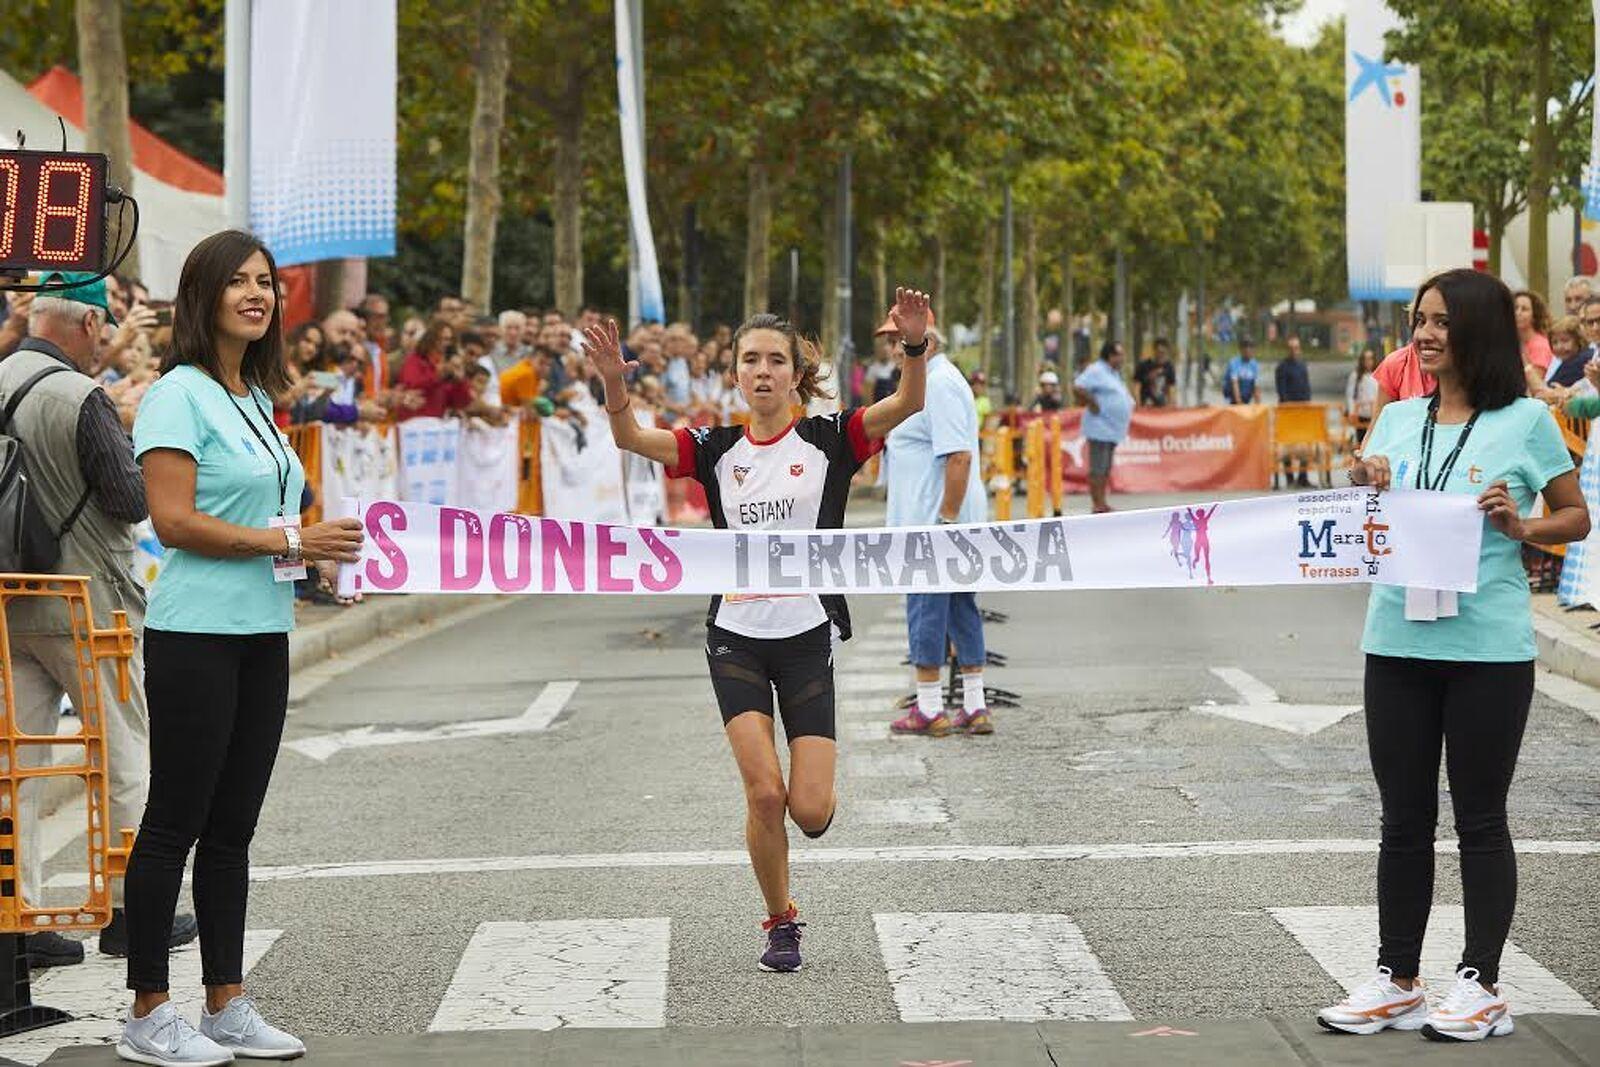 La jove atleta Montserrat Estany creua la línia d'arribada